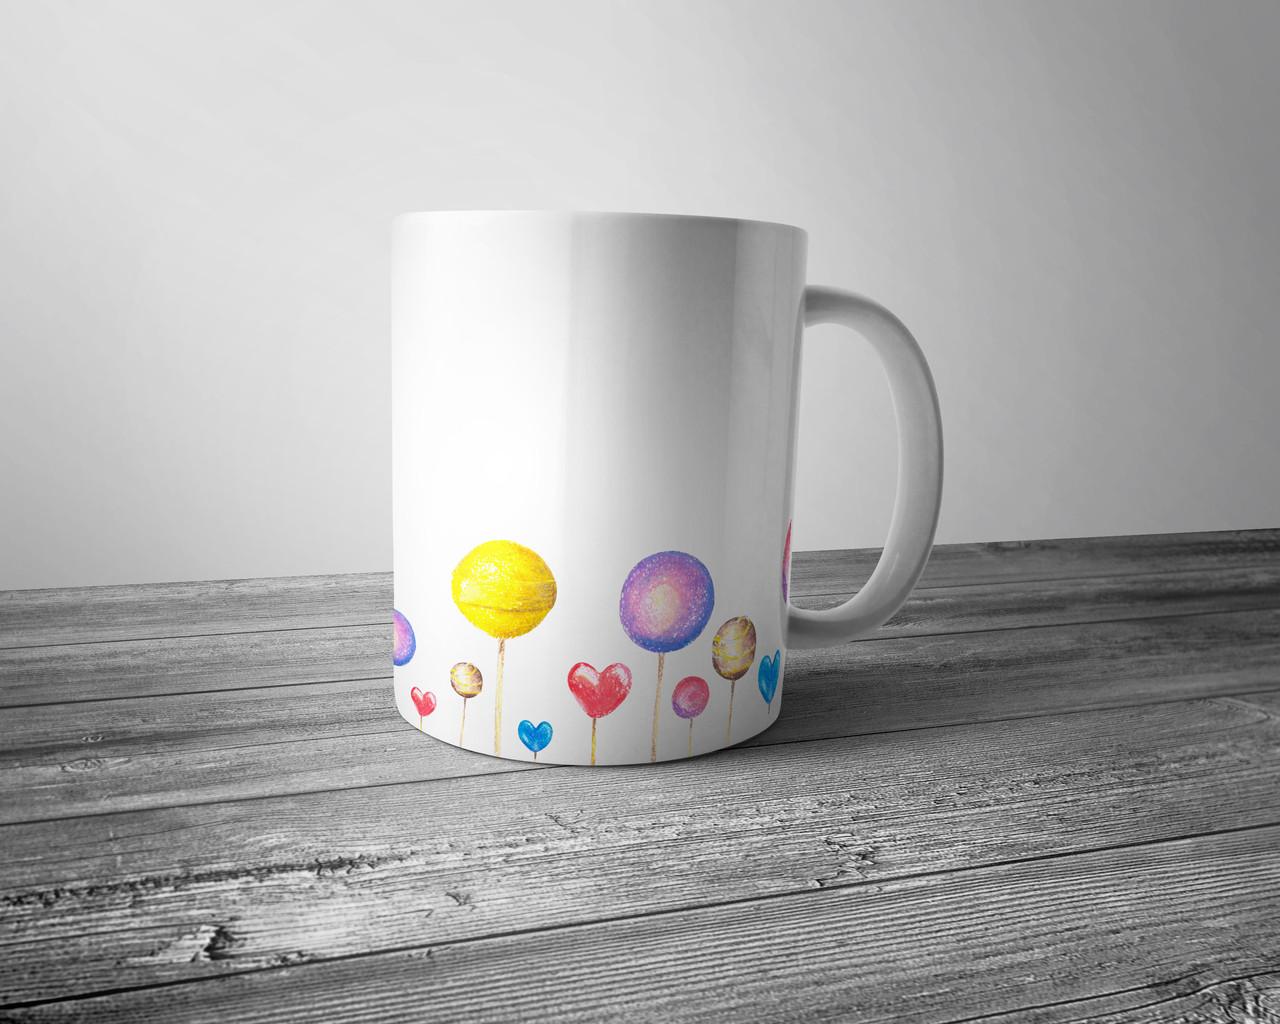 Чашка повнокольоровим зображенням льодяників